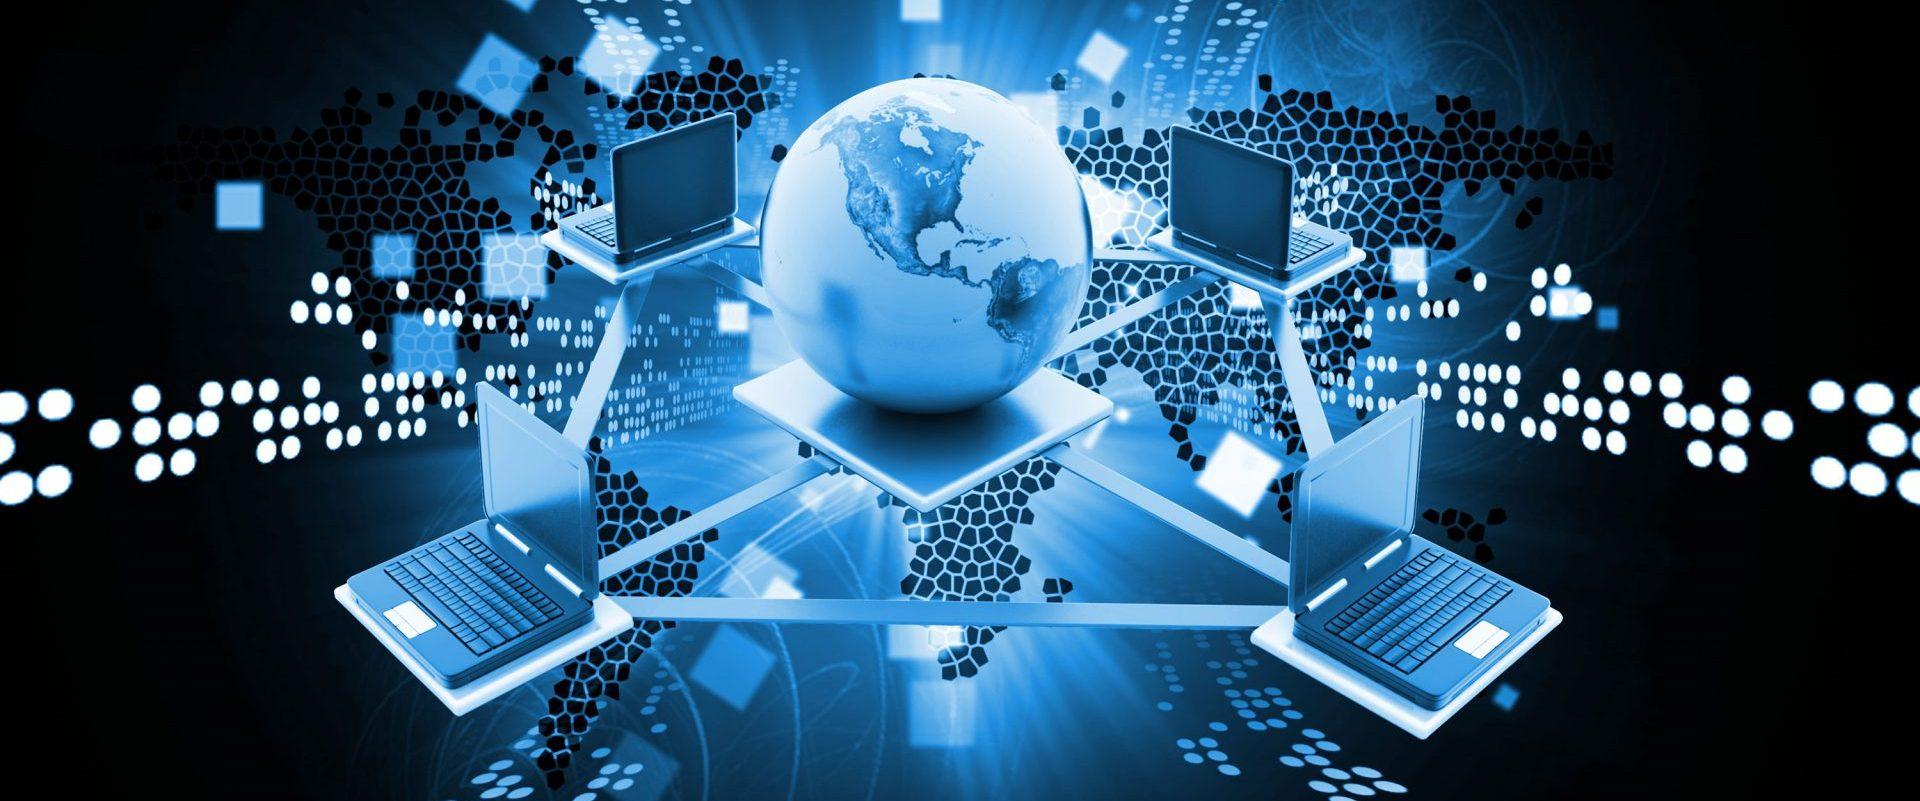 Preparando-se para uma nova economia global